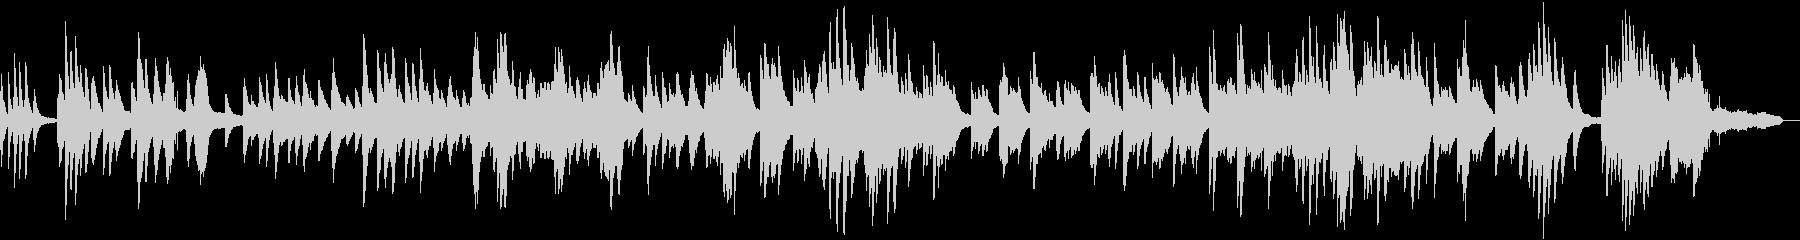 ほのぼのとした感動的なピアノバラードの未再生の波形